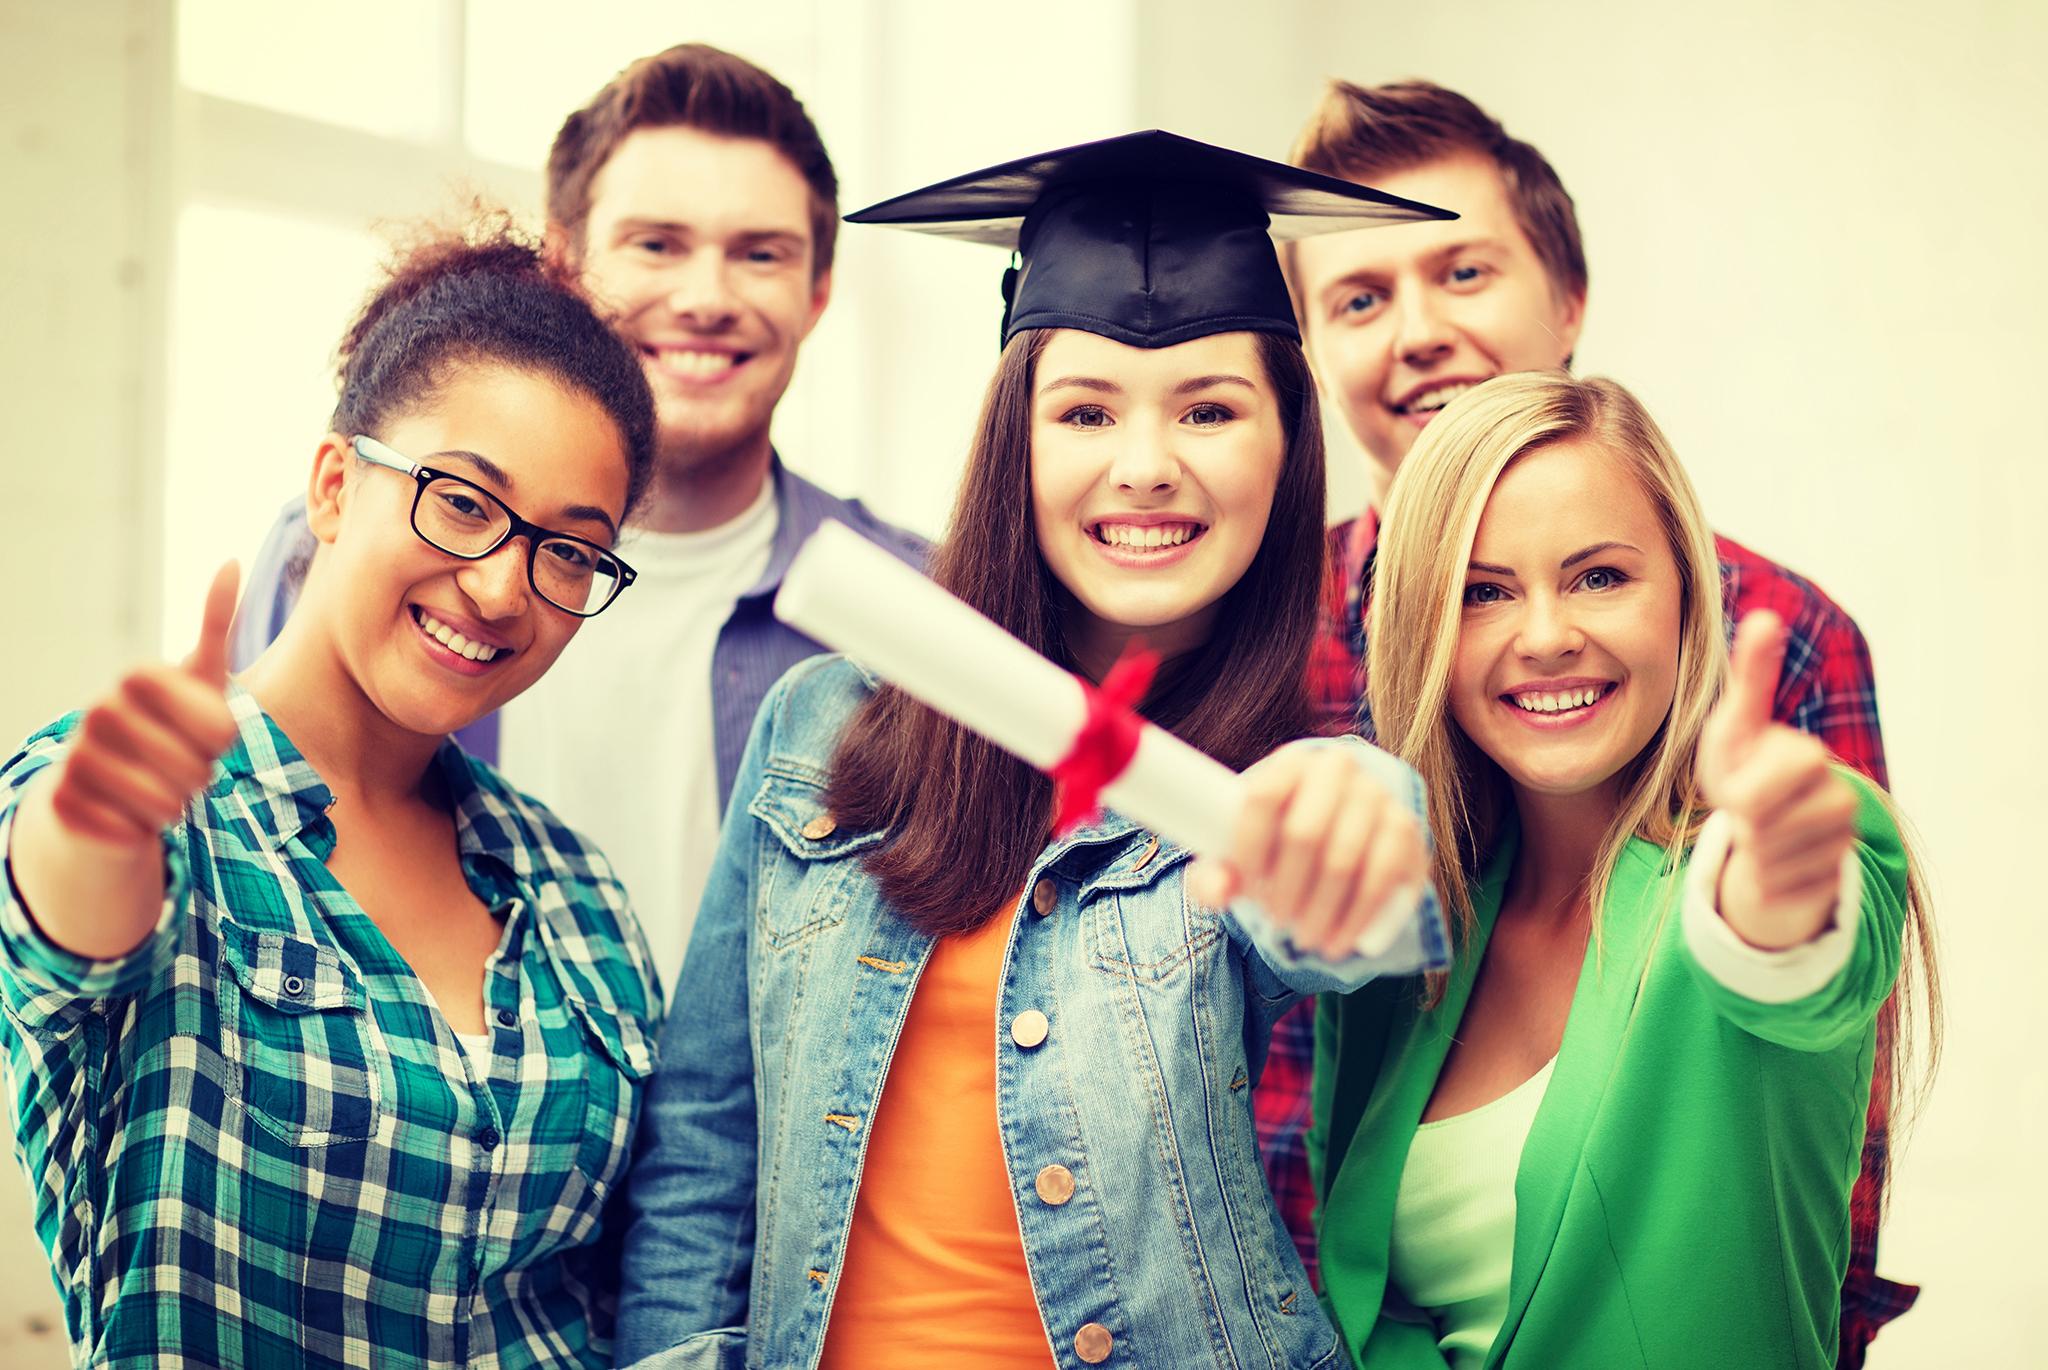 """Kinh nghiệm """"săn"""" học bổng du học hiệu quả   - PHÂN LOẠI THEO GIÁ TRỊ HỌC BỔNG"""